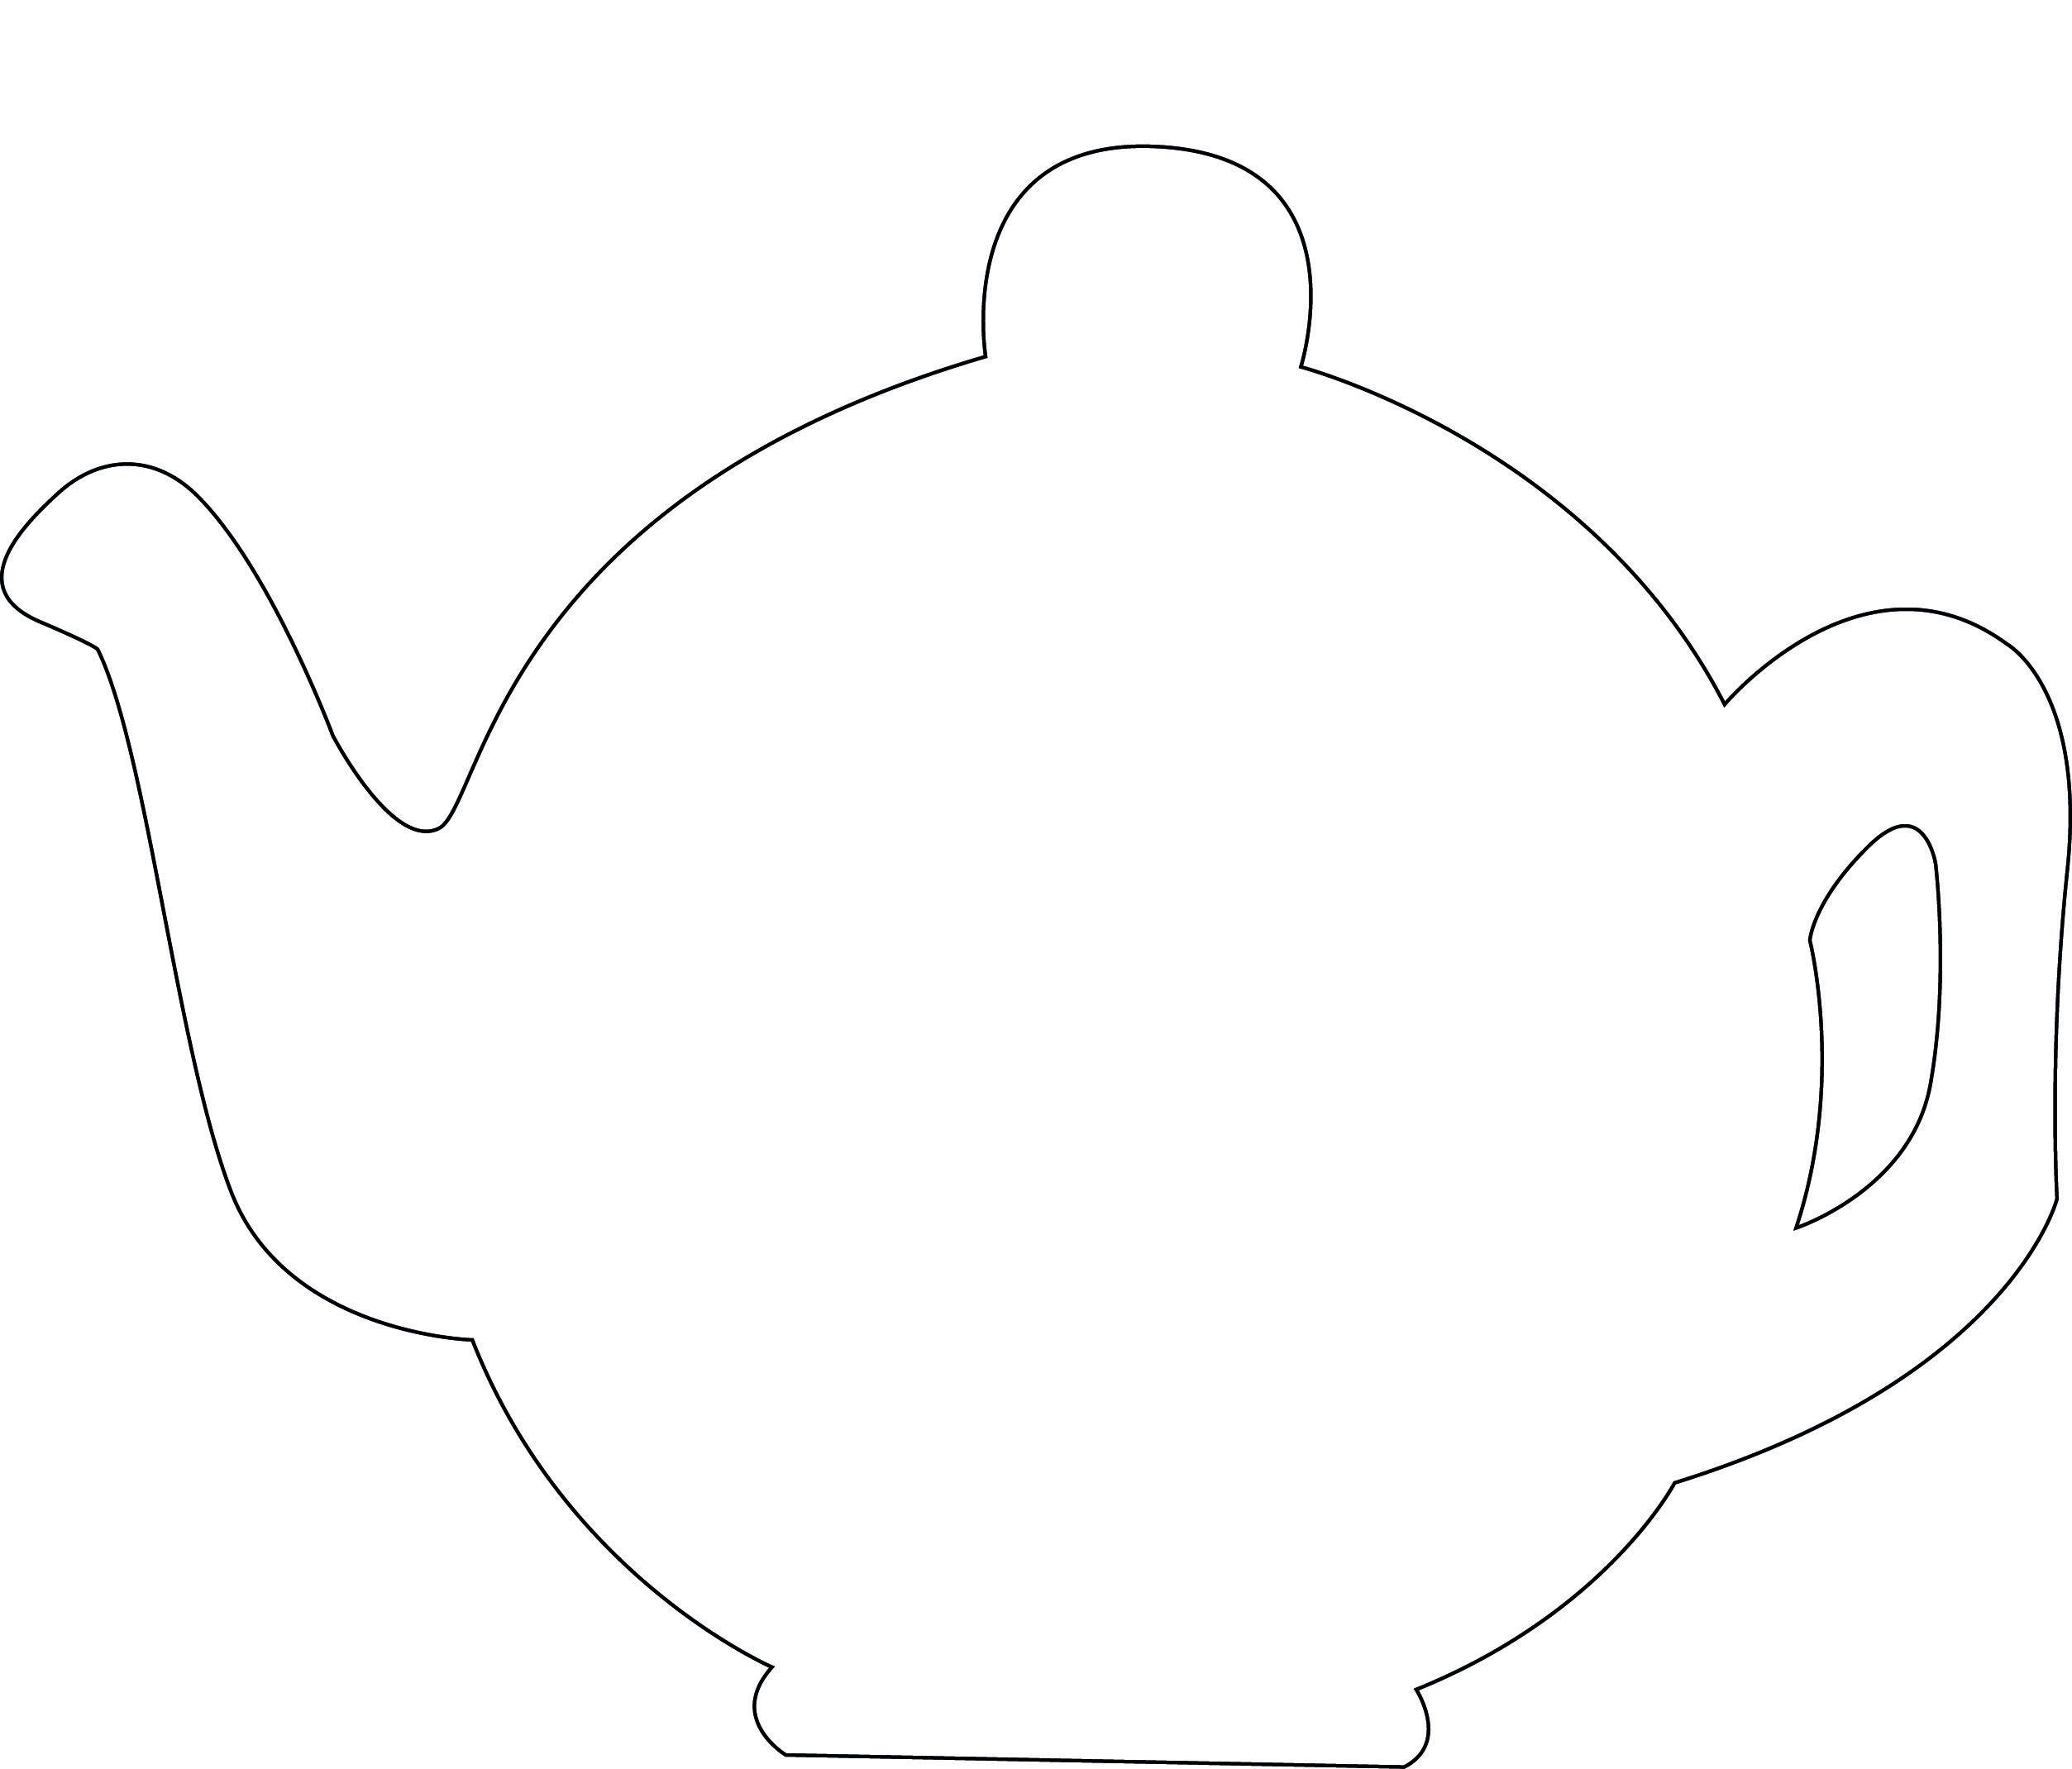 PE135 COAK LOTV Teapot Template.jpg (2506×2140) | Craft Ideas ...